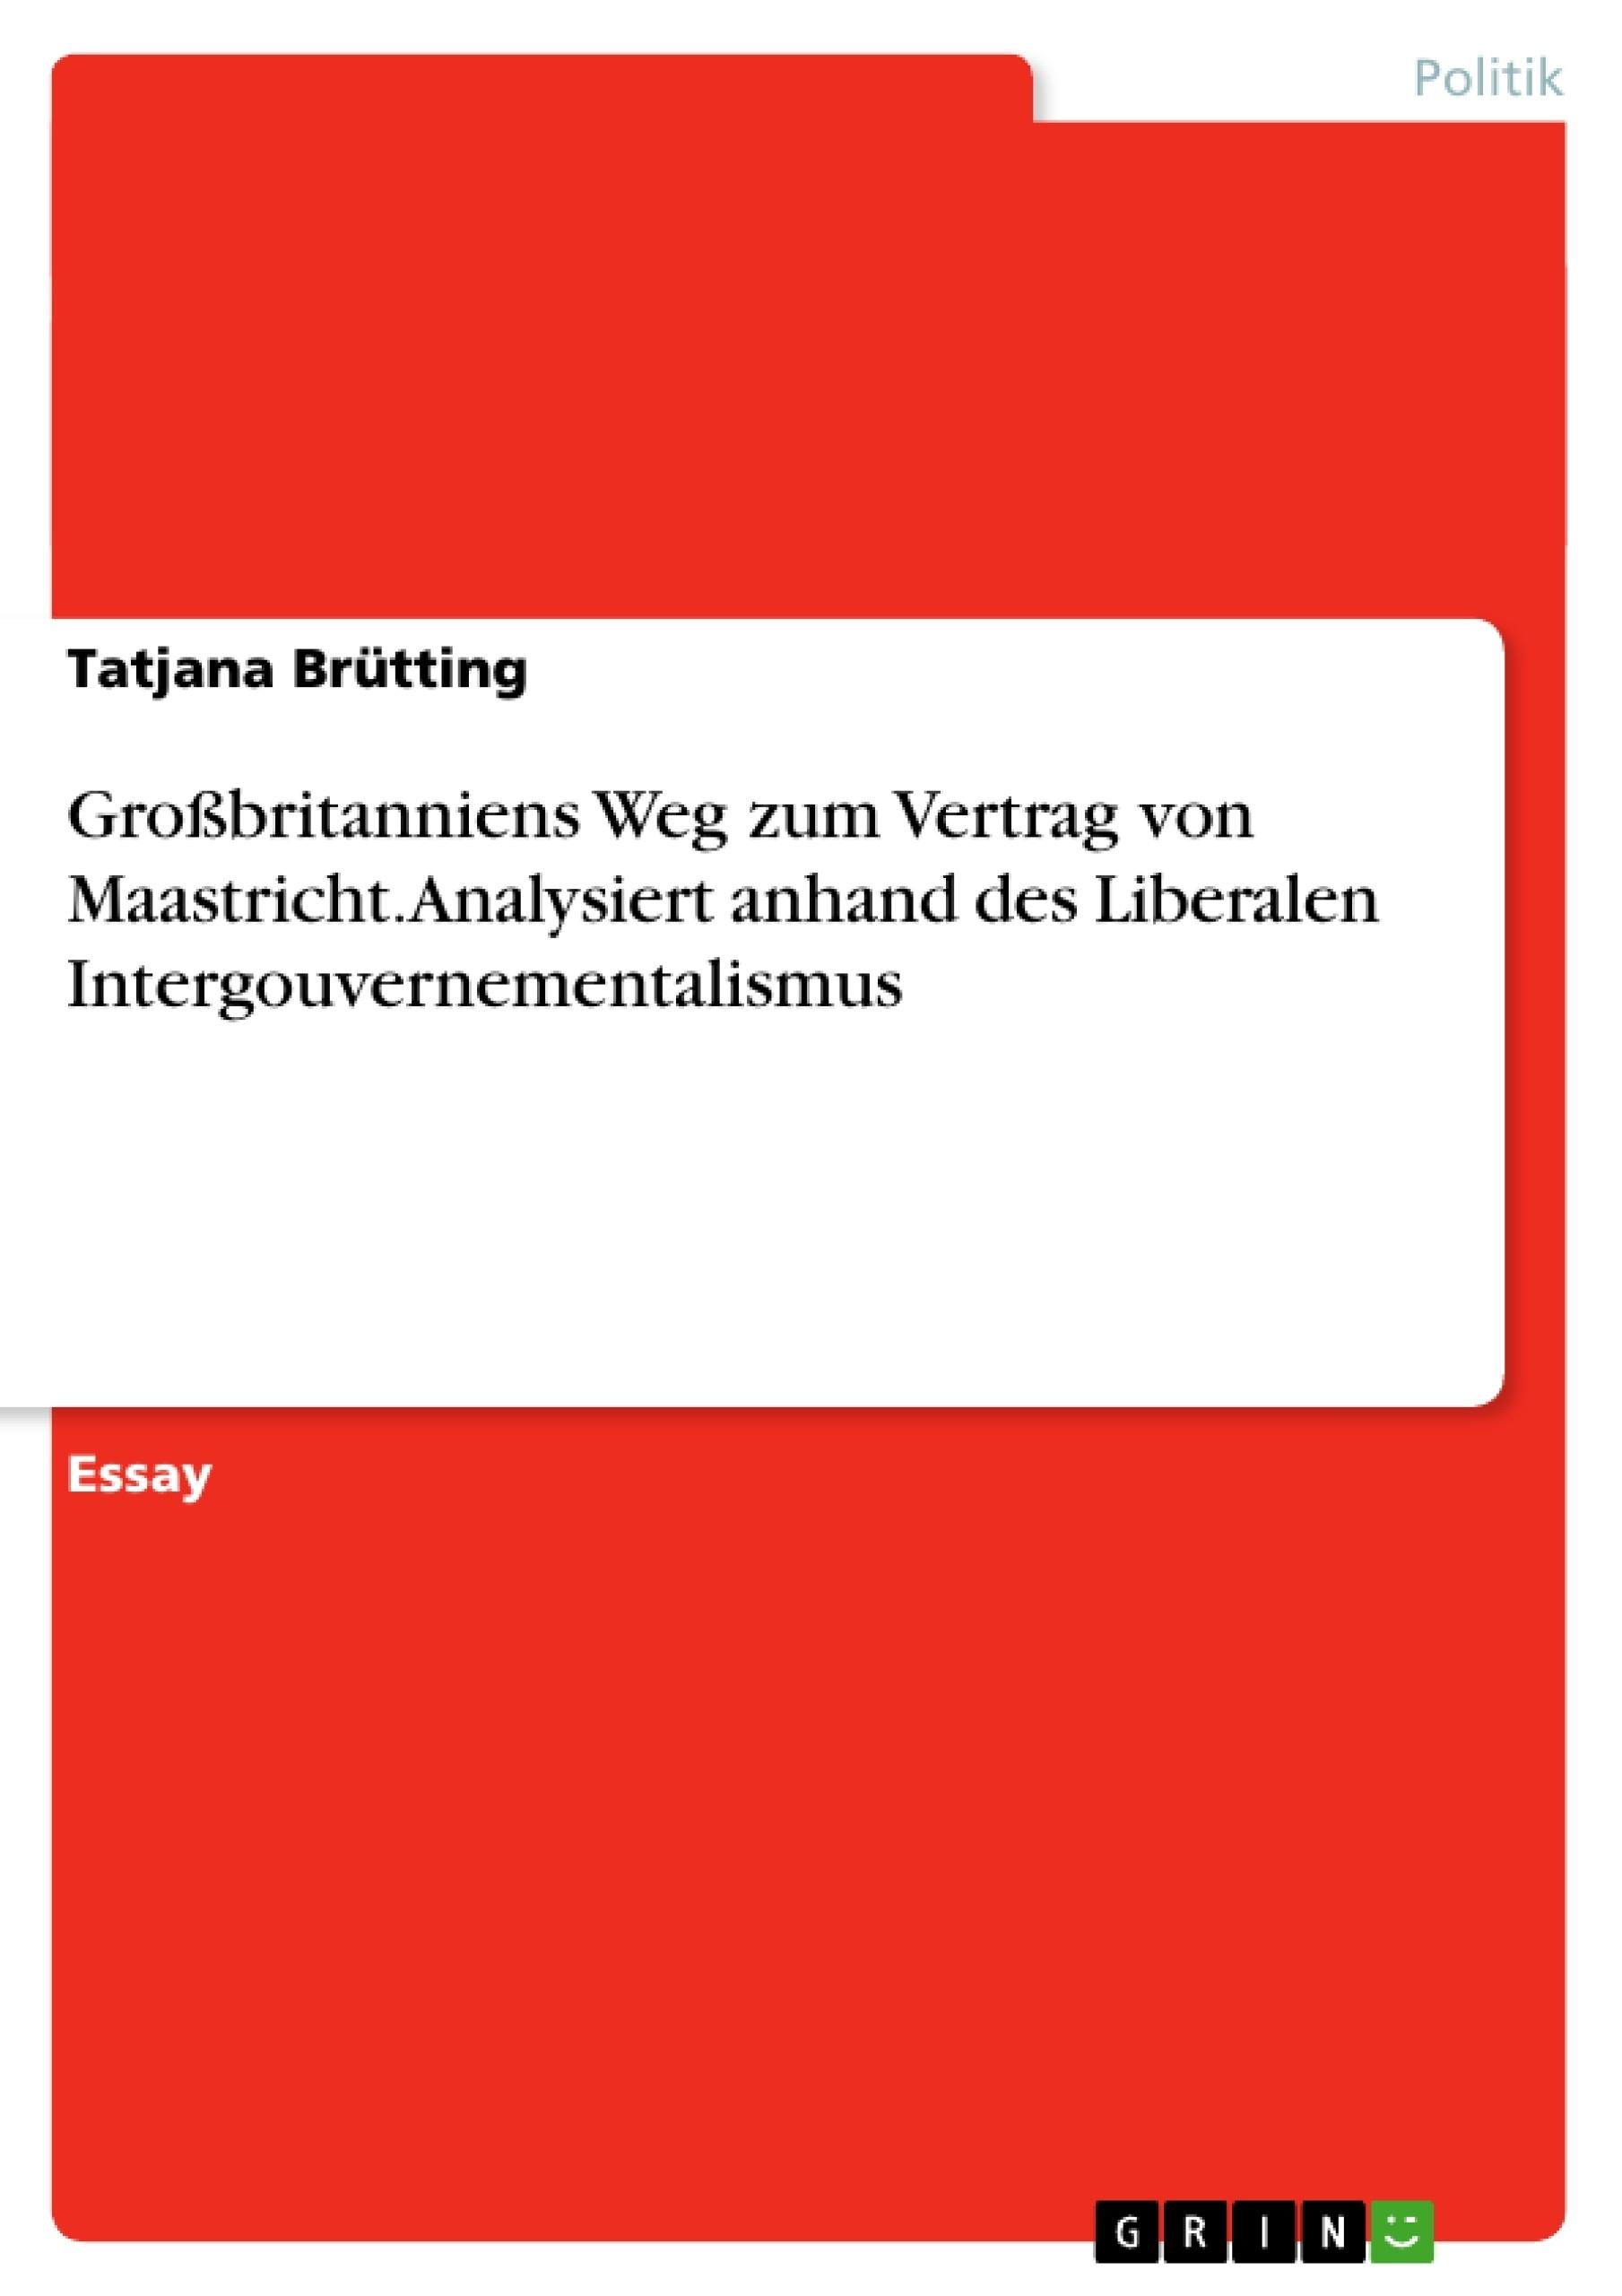 Titel: Großbritanniens Weg zum Vertrag von Maastricht. Analysiert anhand des Liberalen Intergouvernementalismus